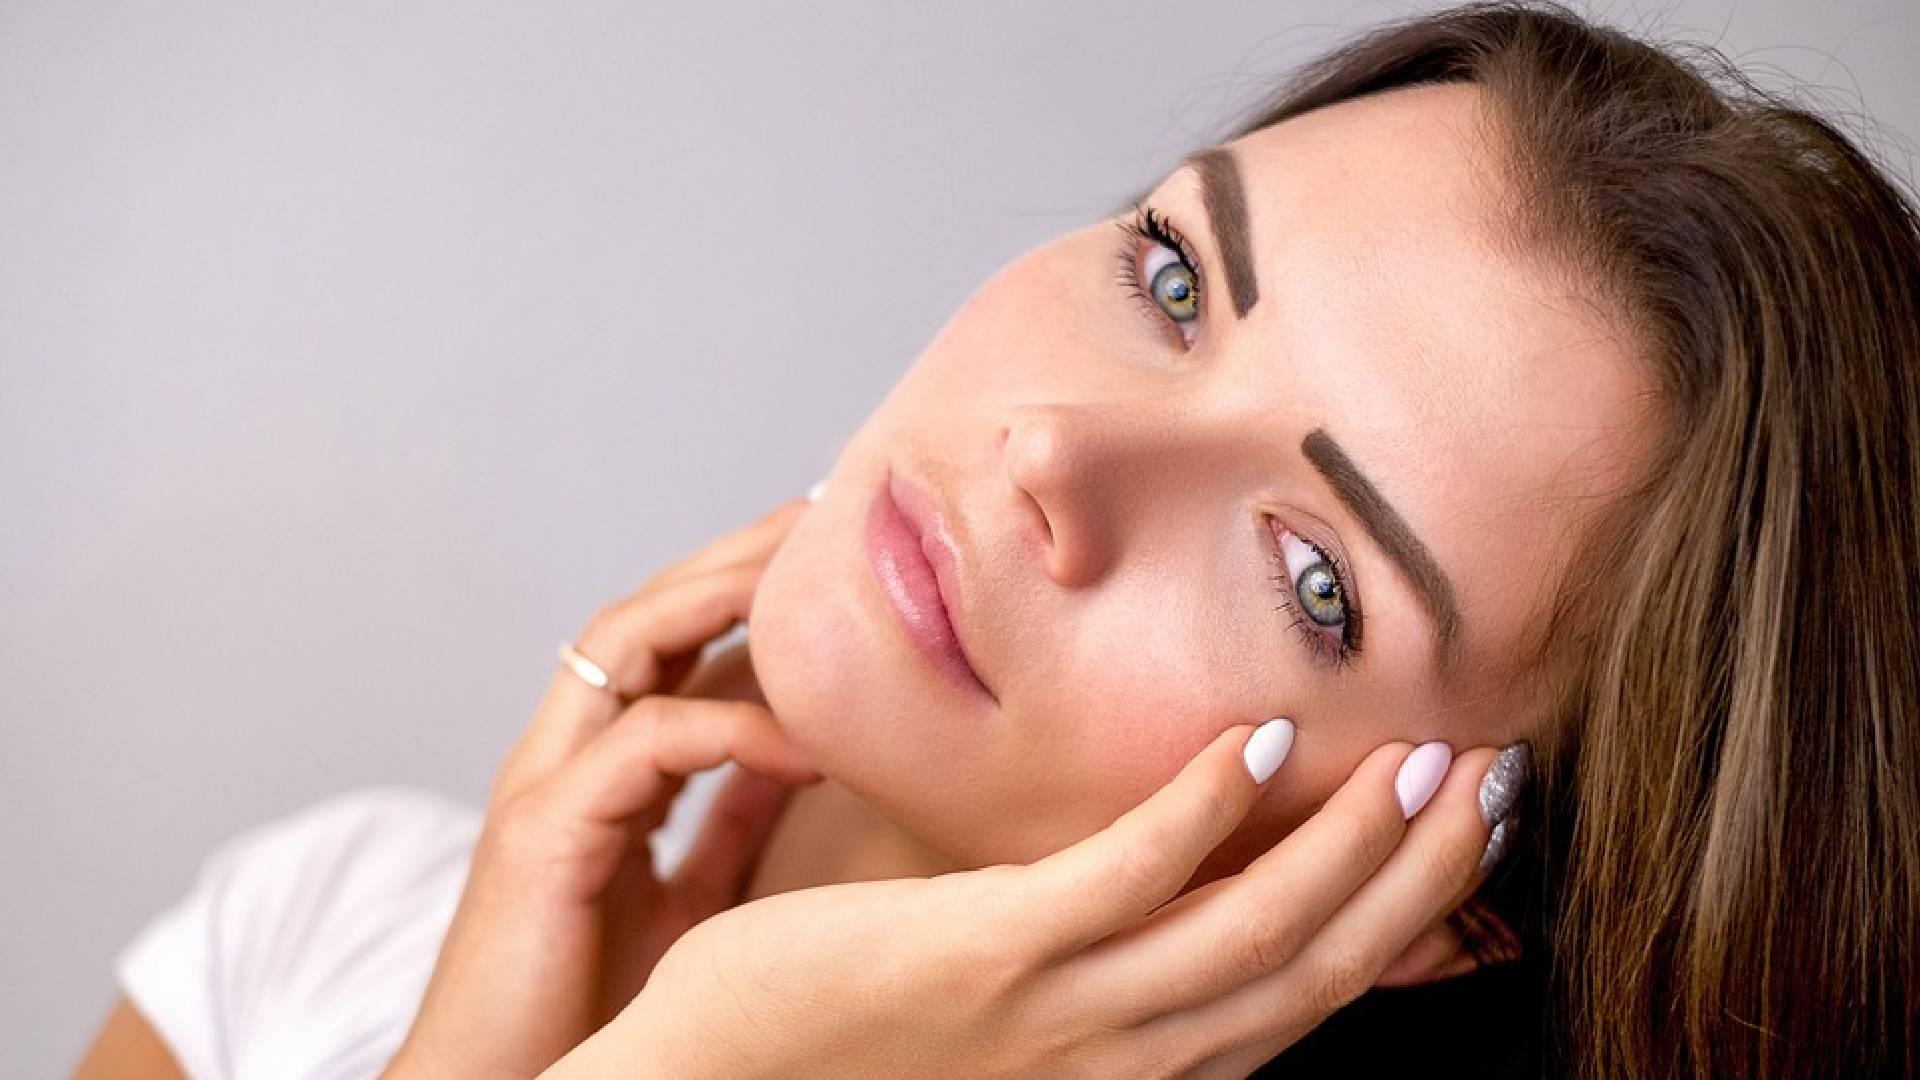 Skin Care Tips: मुलायम त्वचा के लिए दूध और शहद के फेस पैक का करें इस्तेमाल, दो दिन में पाएं बेदाग सुंदरता